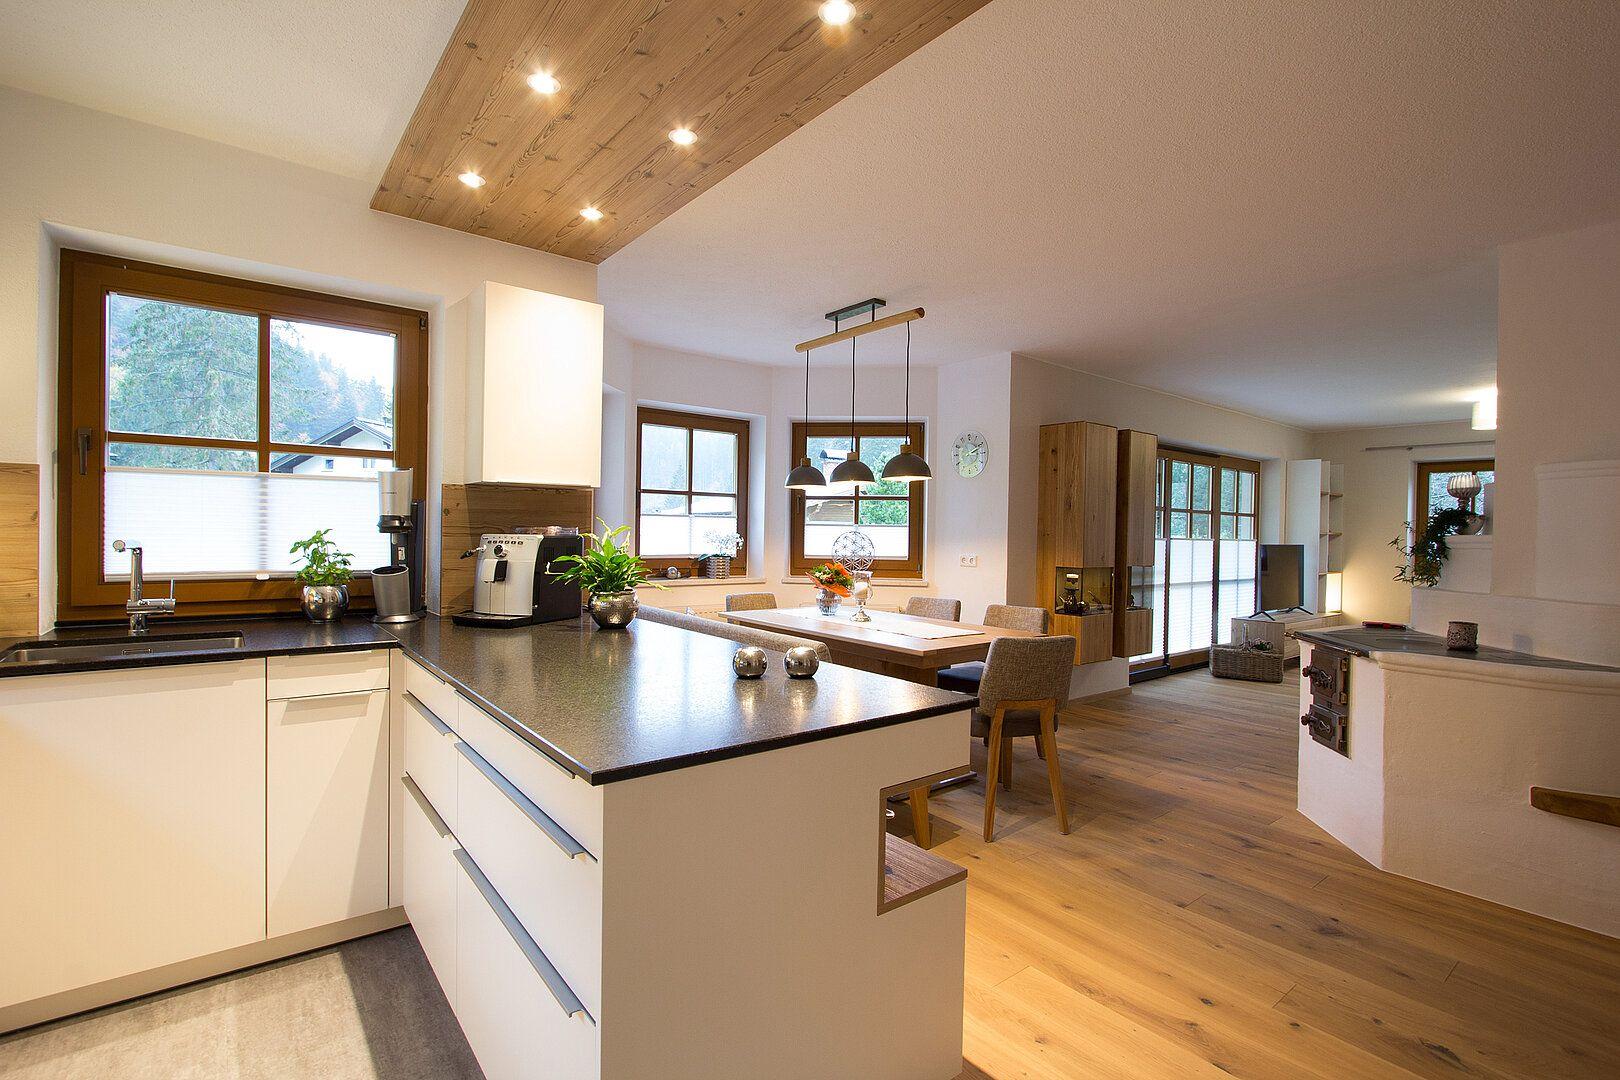 Küchen- und Wohnzimmereinrichtung